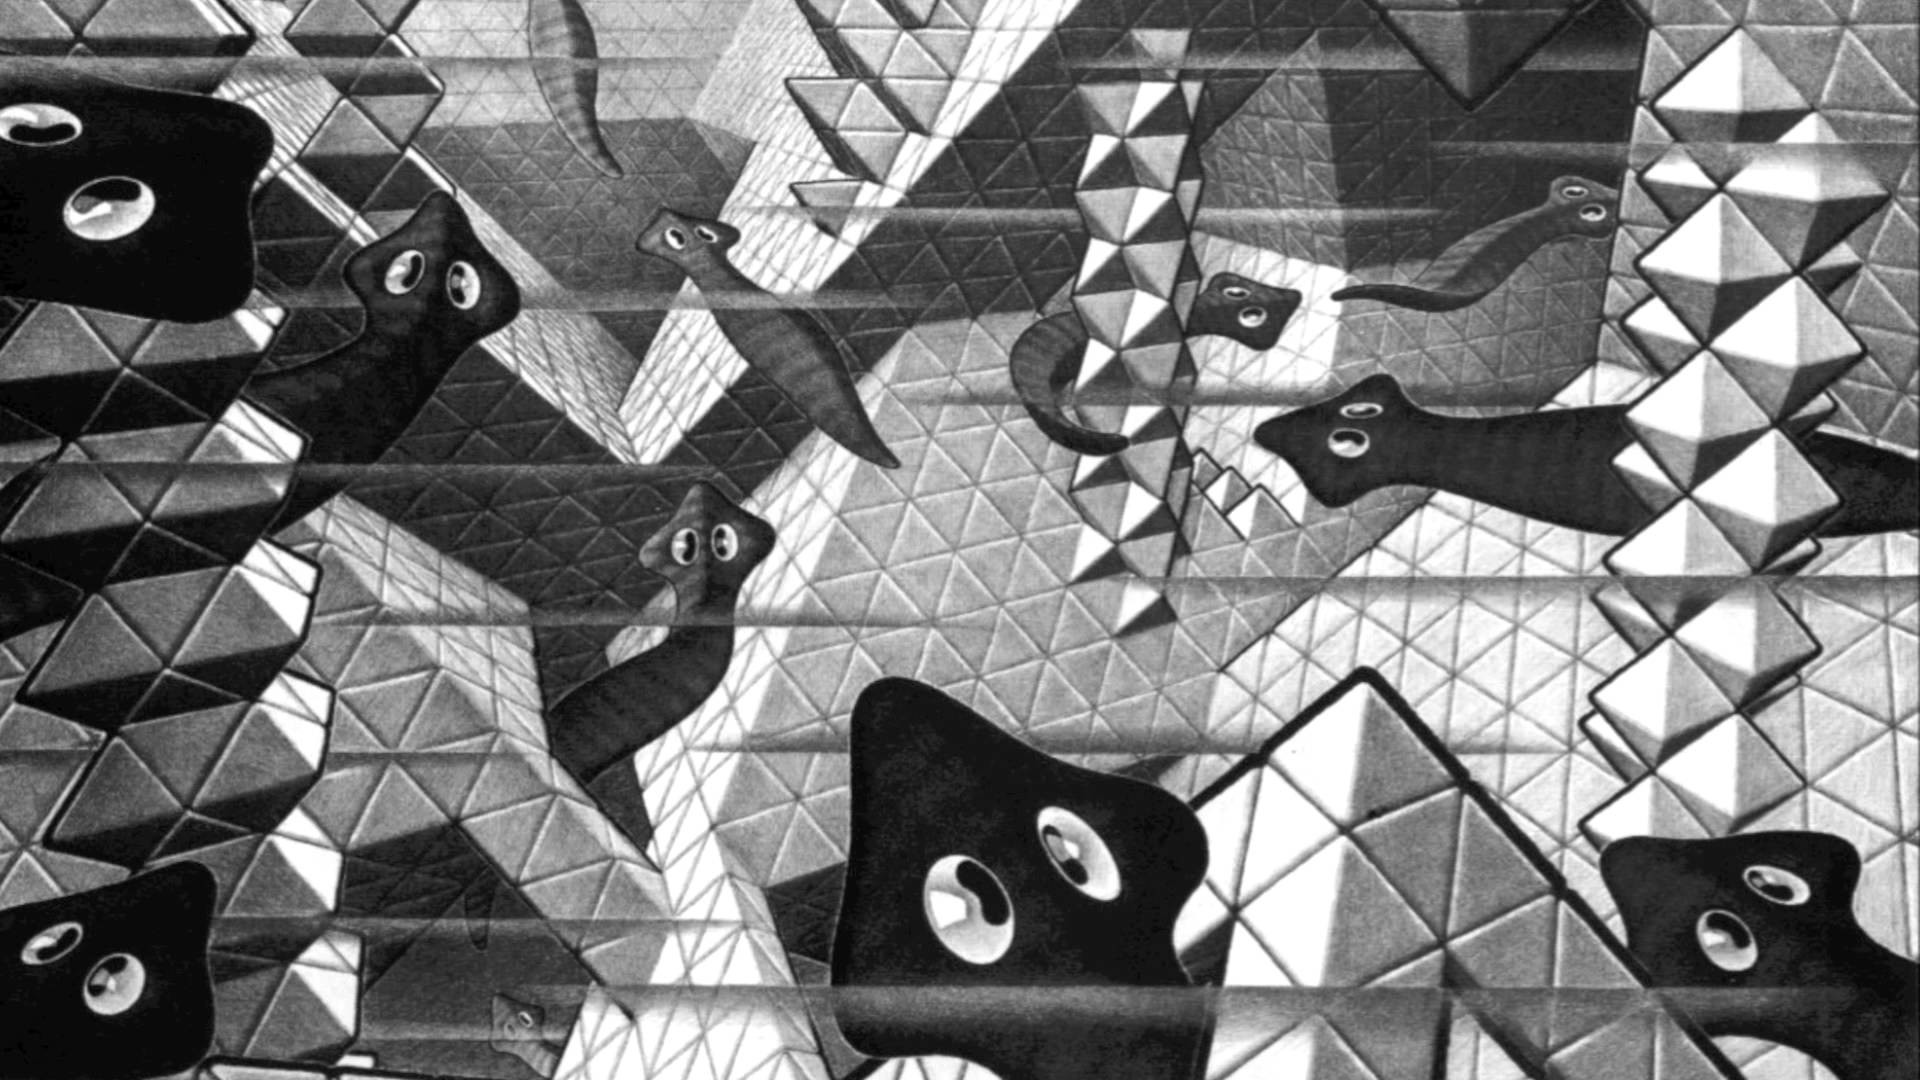 MC ESCHER: We Are In Escher